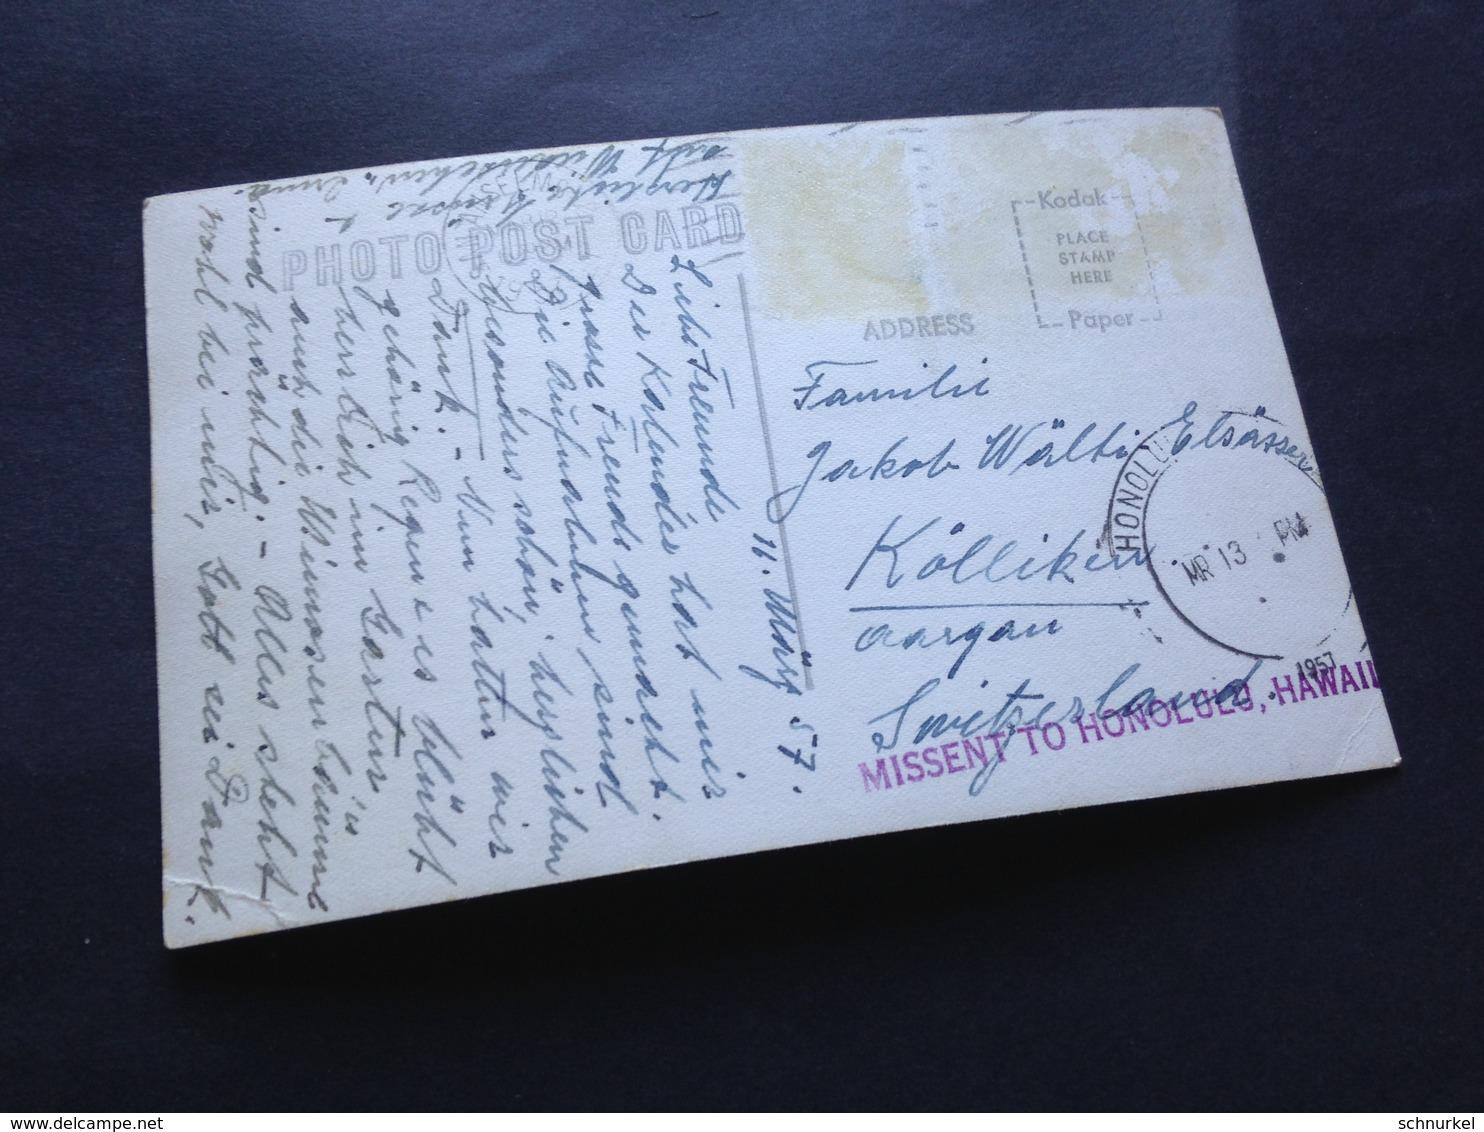 MEADOW CLUB ON MT. TAMALPAIS - MISSENT TO HONOLULU - HAWAI - 1957 - Palau